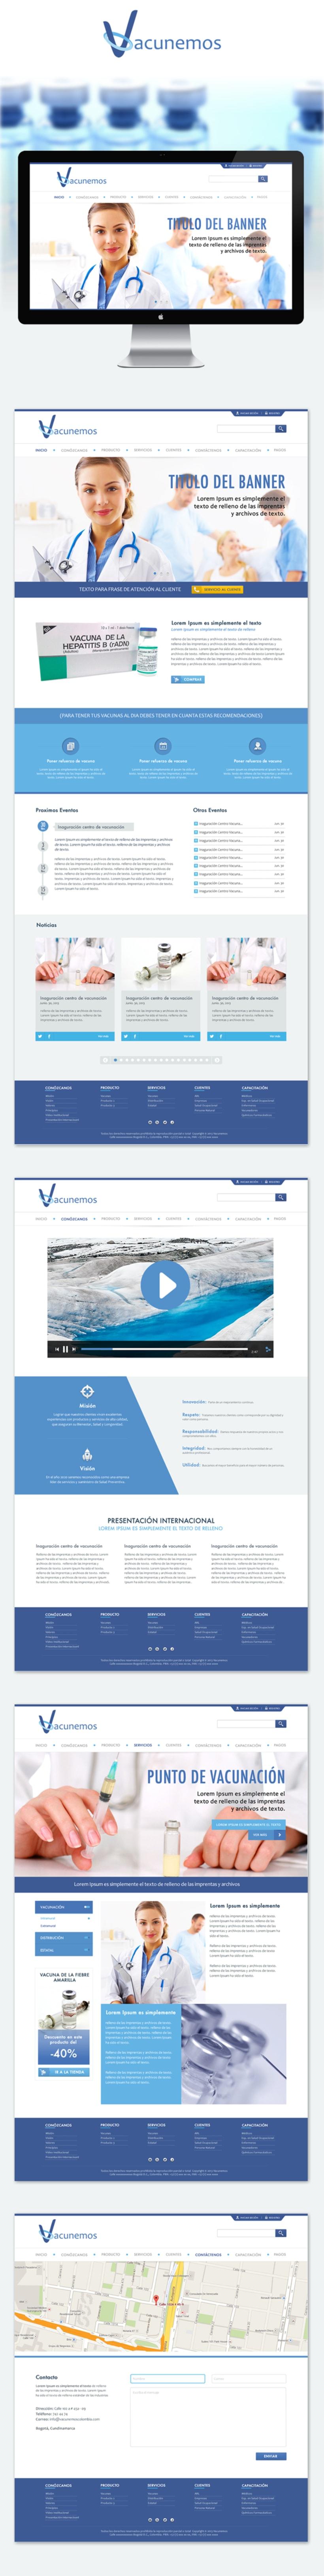 Pagina Web Vacunemos -1